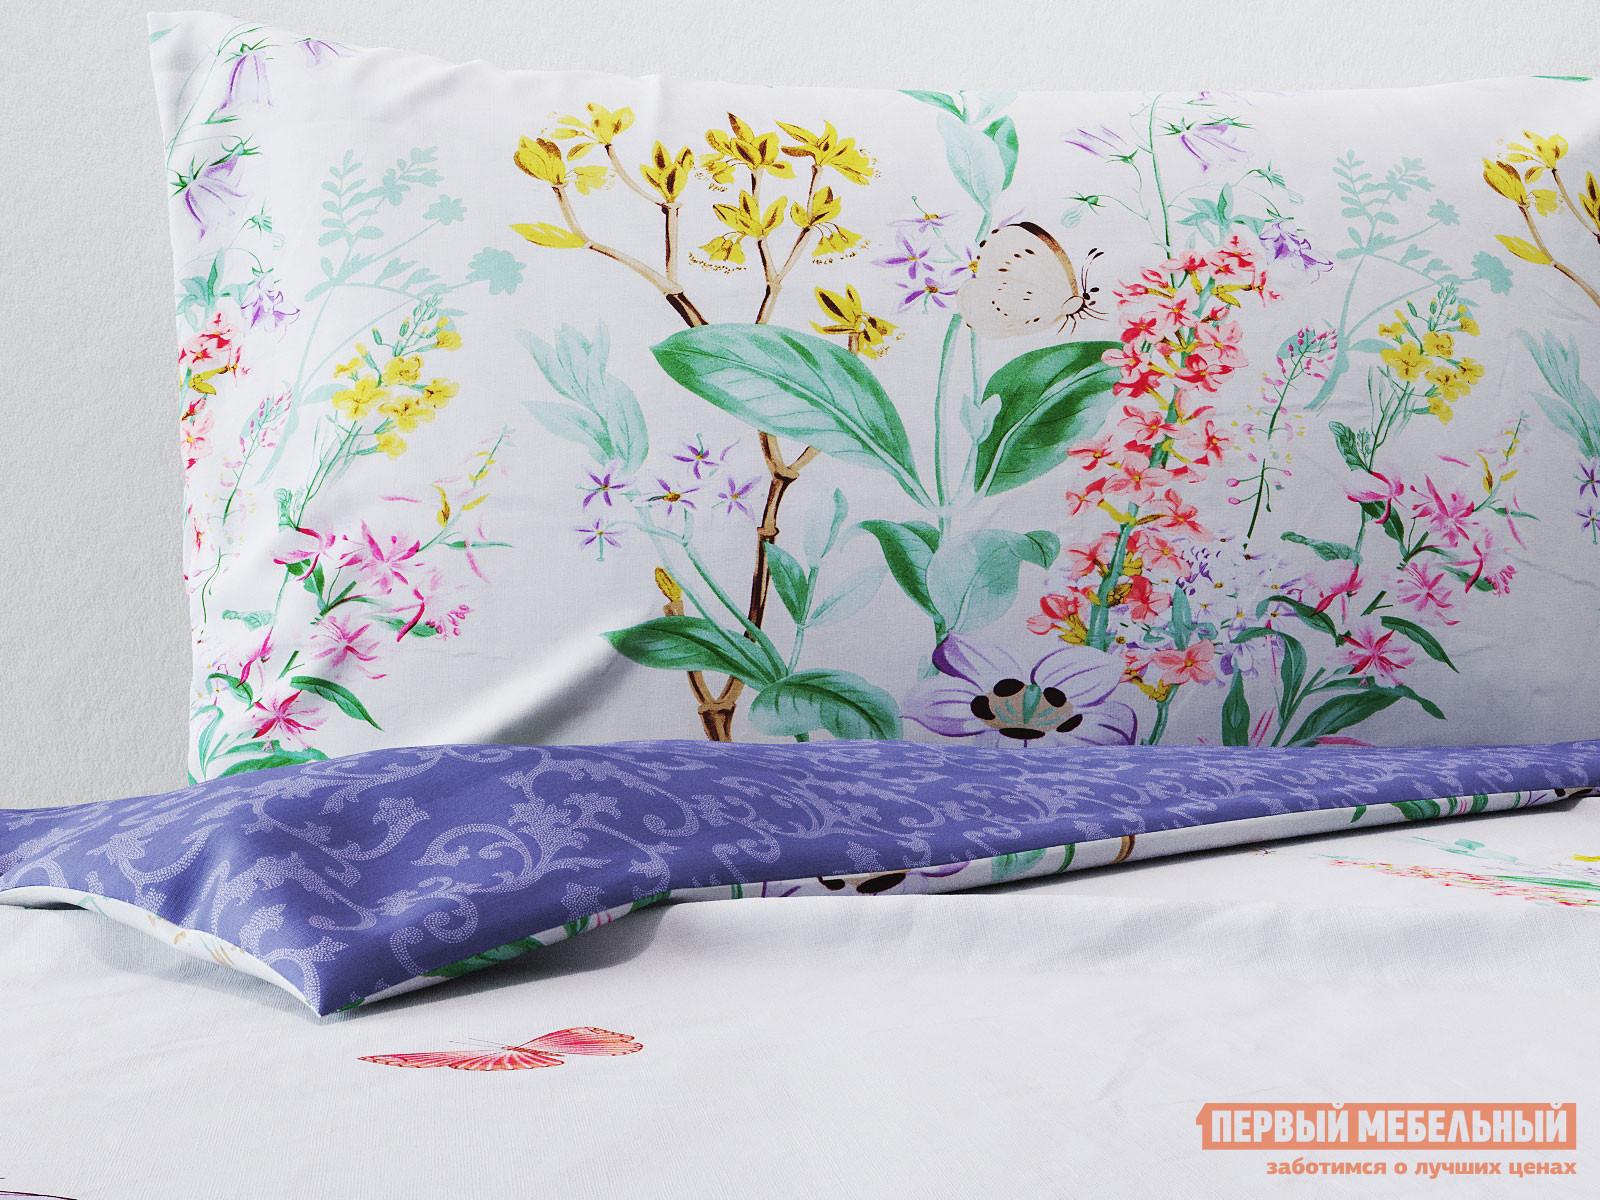 Комплект постельного белья КПБ сатин ОСНОВА СНОВ-24 24, сатин, Двуспальный фото